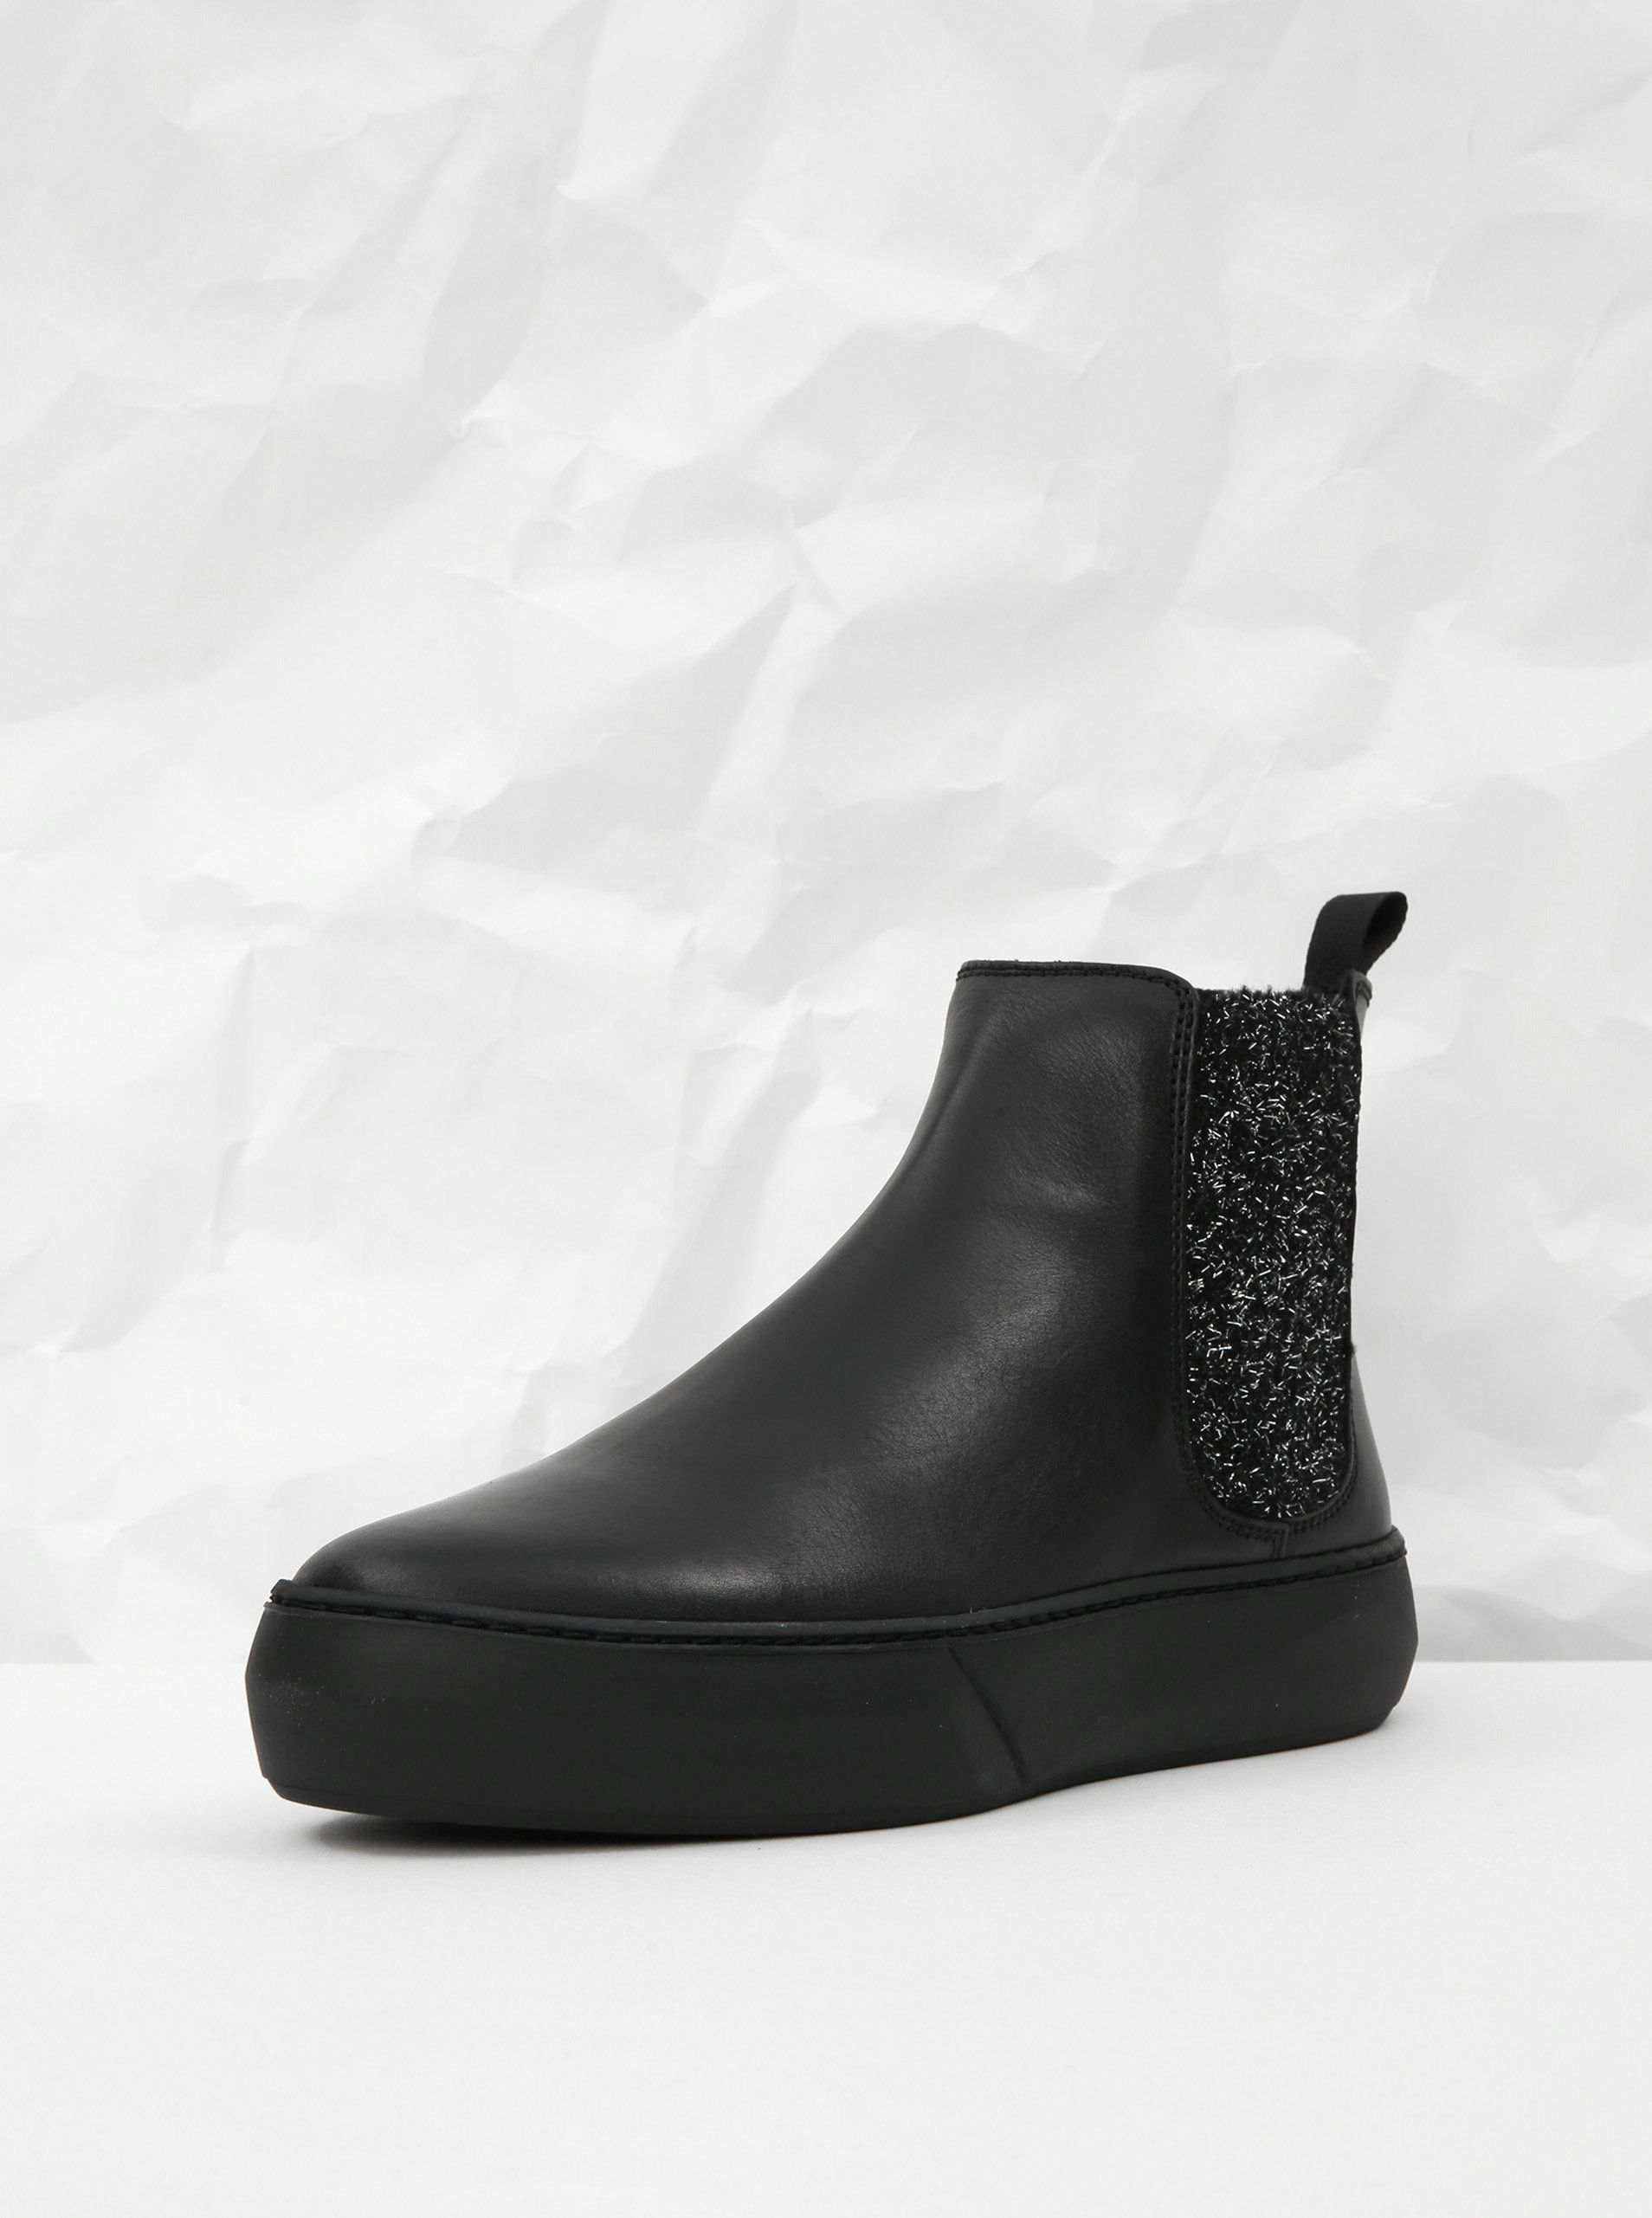 637e2abada5c Čierne kožené chelsea topánky na platforme s trblietavým detailom Frau  Ferrer